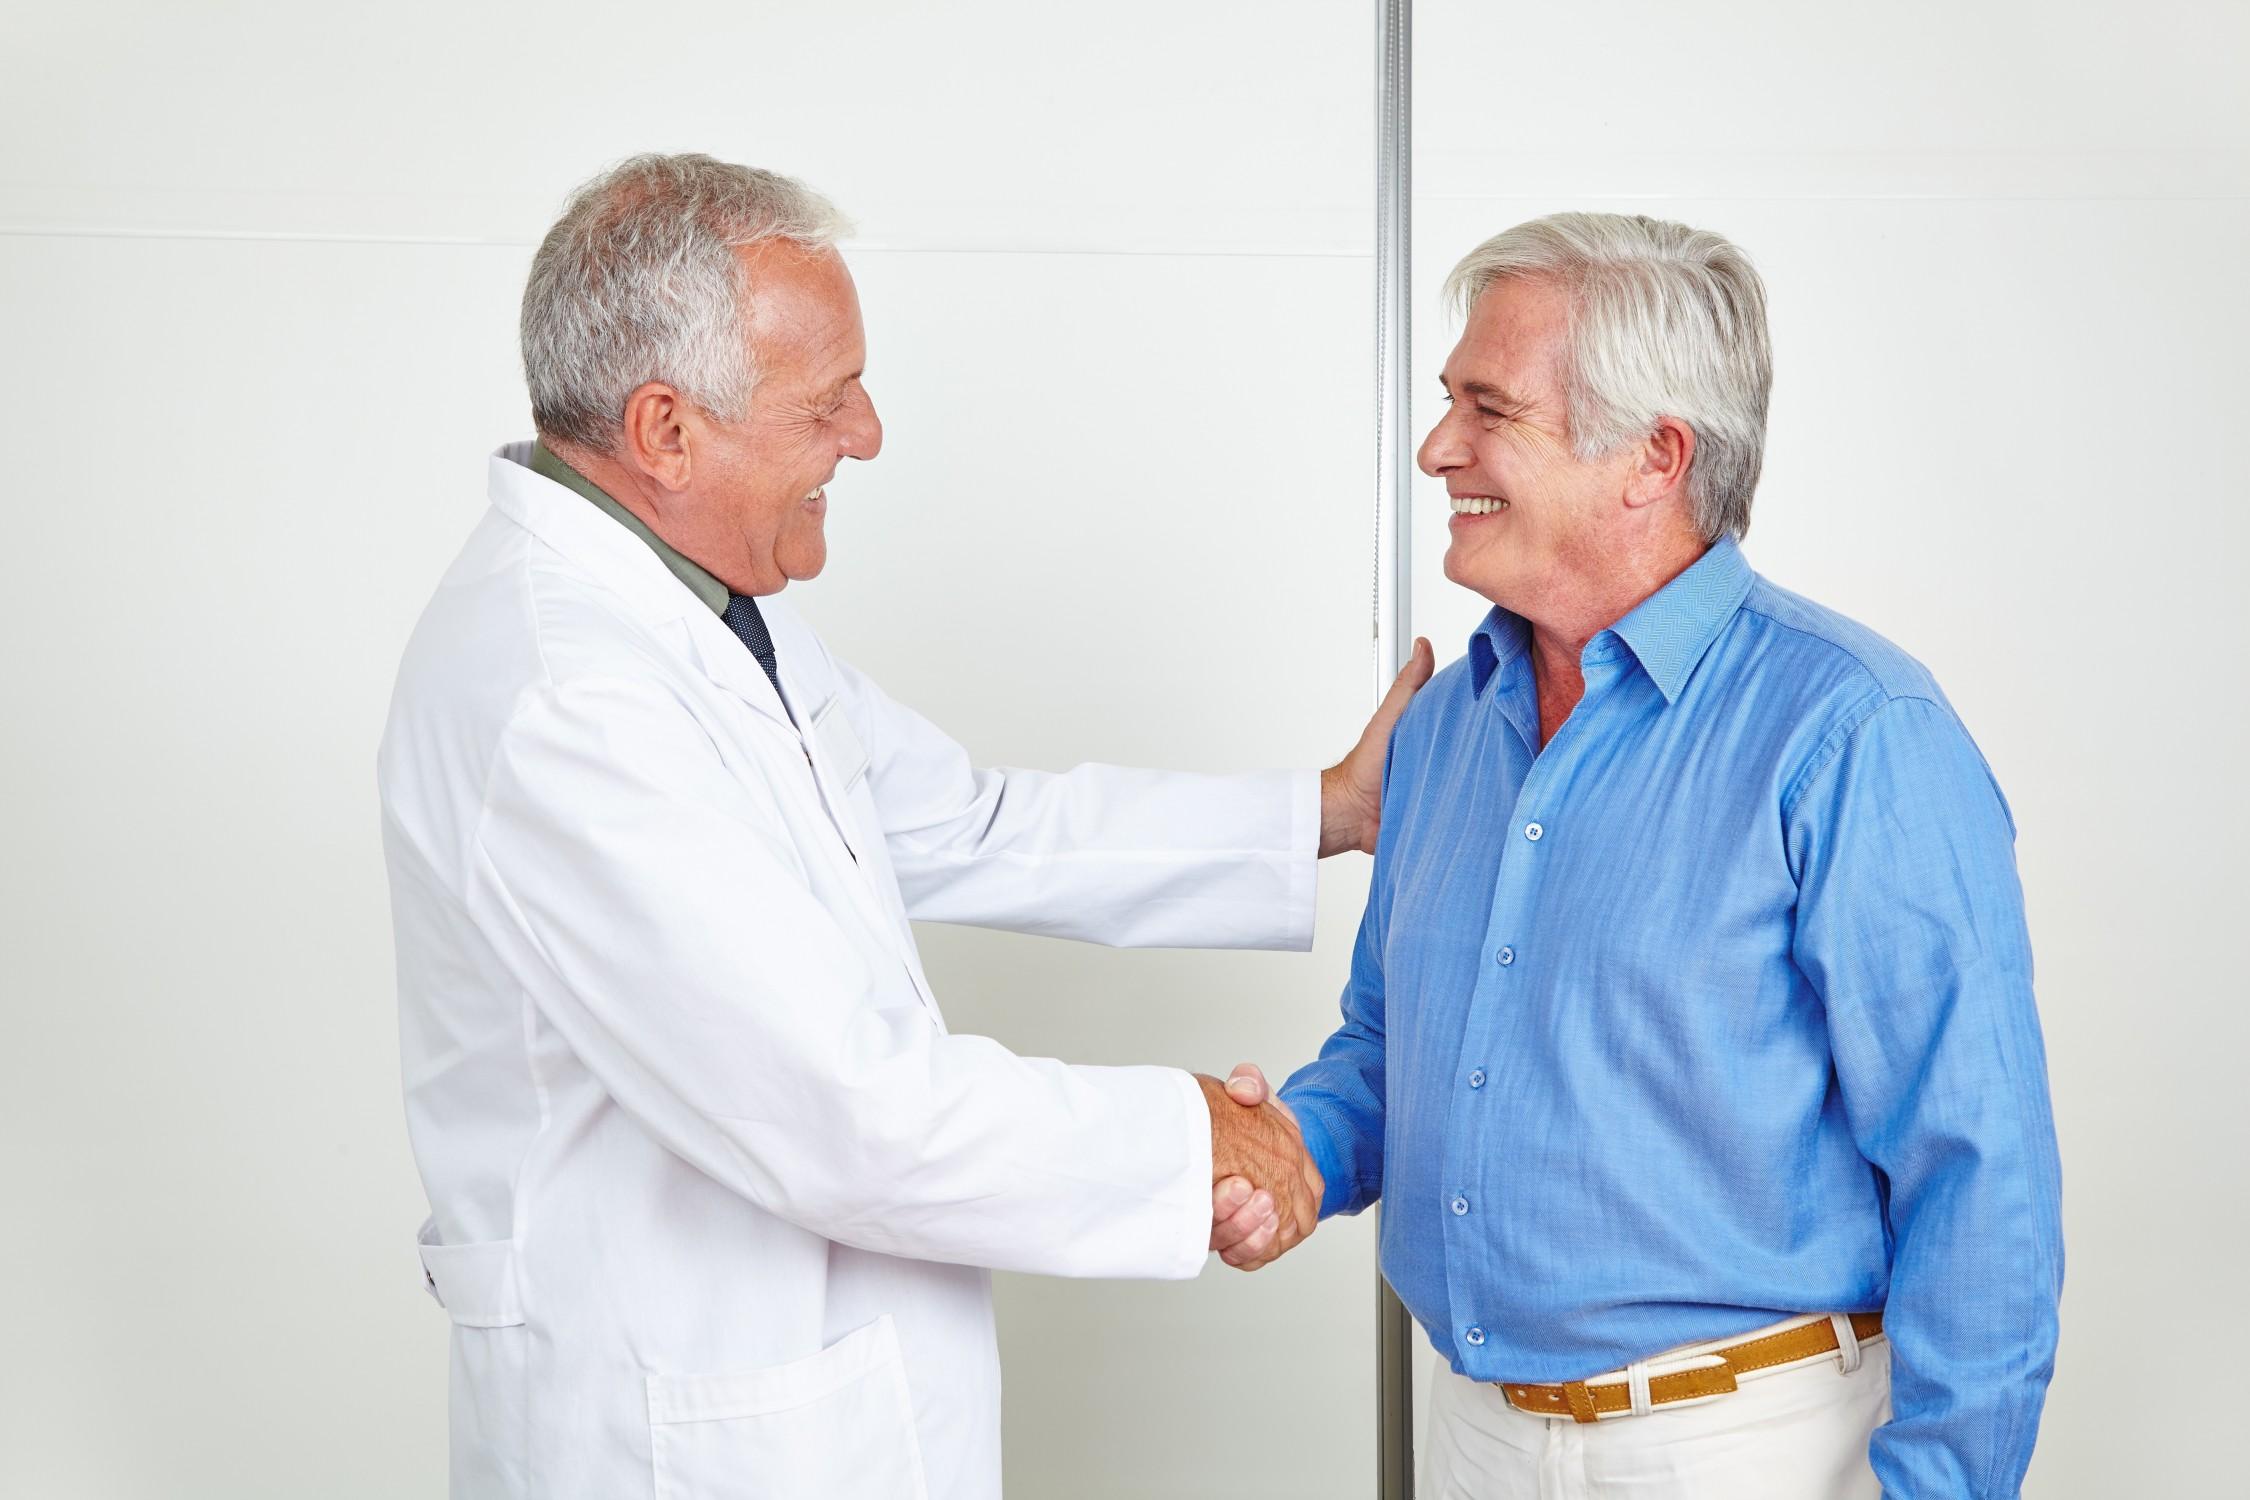 Doctor Patient e1434995077933